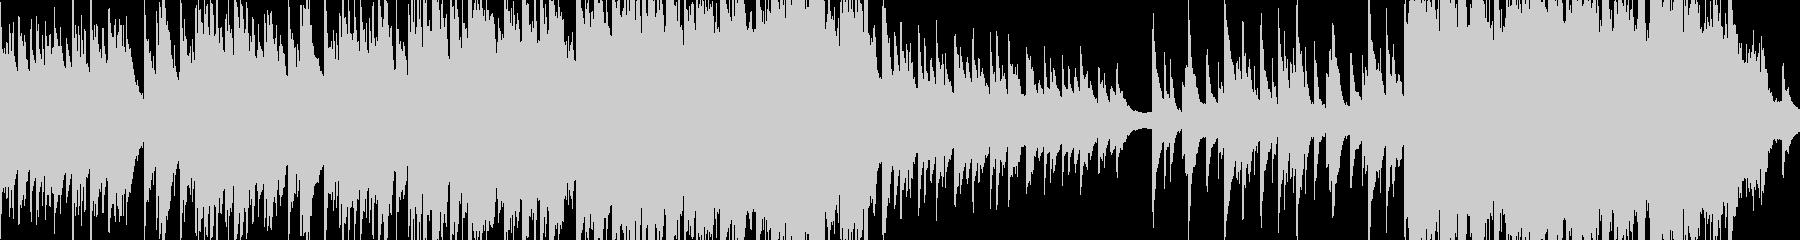 綺麗なピアノとストリングス ループ版の未再生の波形